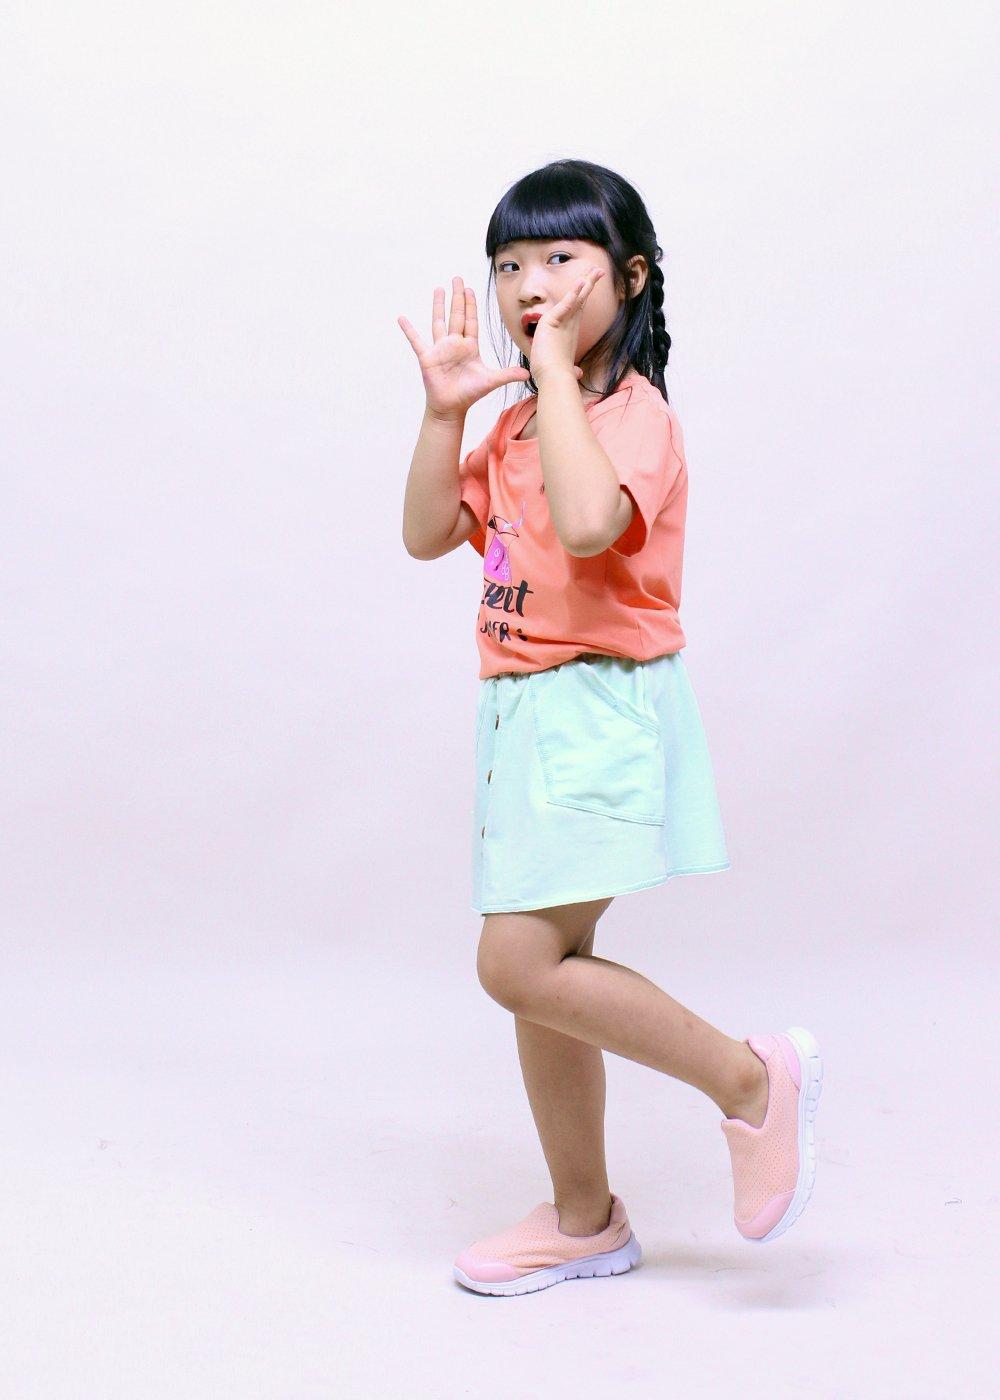 Game thời trang mẹ và bé gái, Khánh Hòa, uy tín, dành cho 14 tuổi - Jadiny